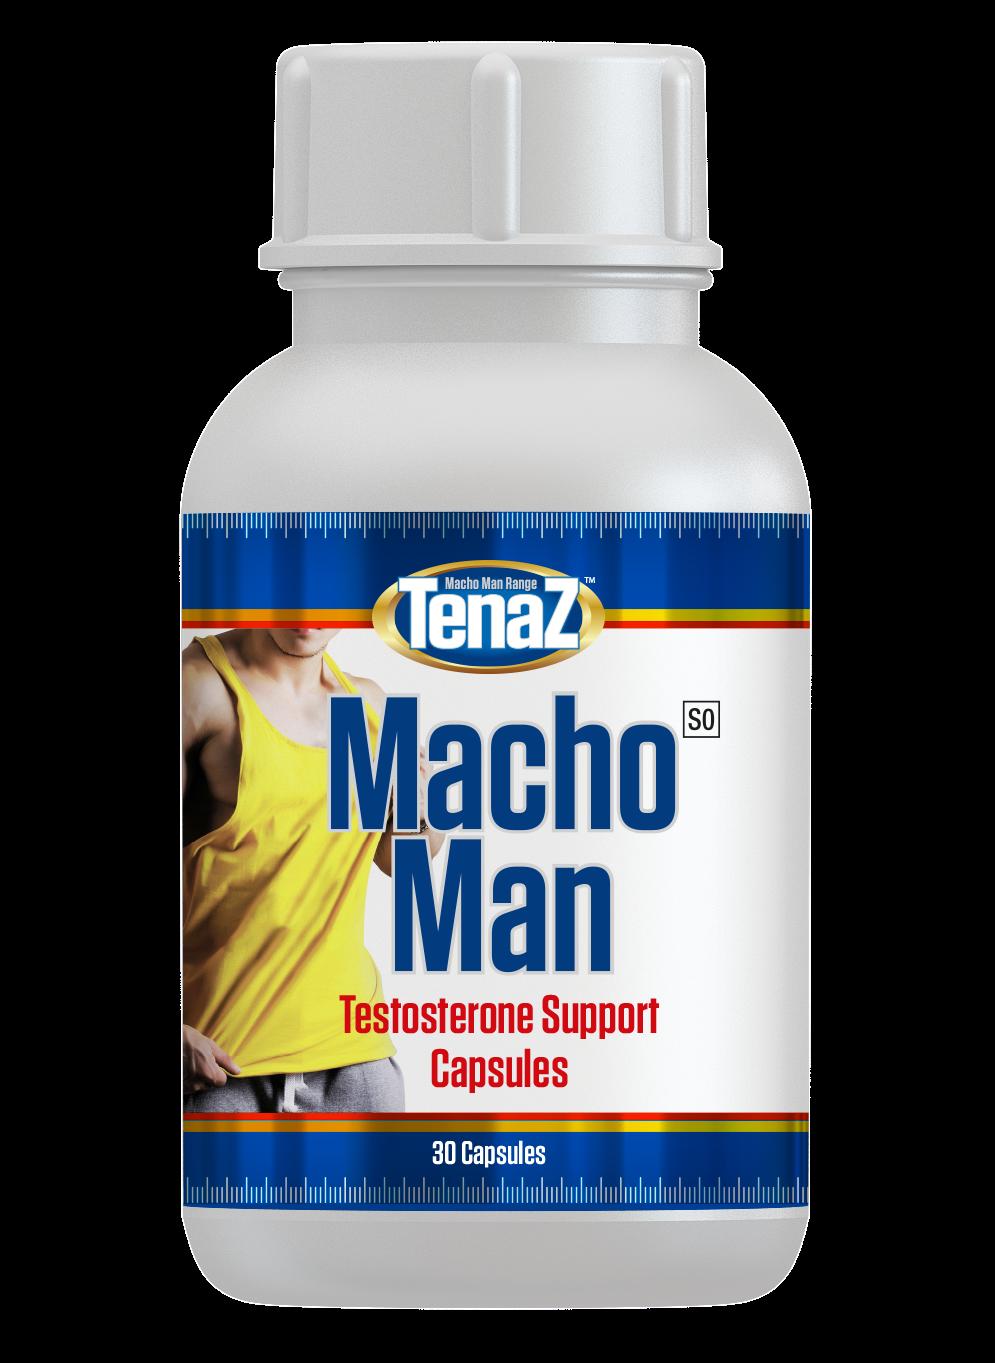 Macho Man Capsules